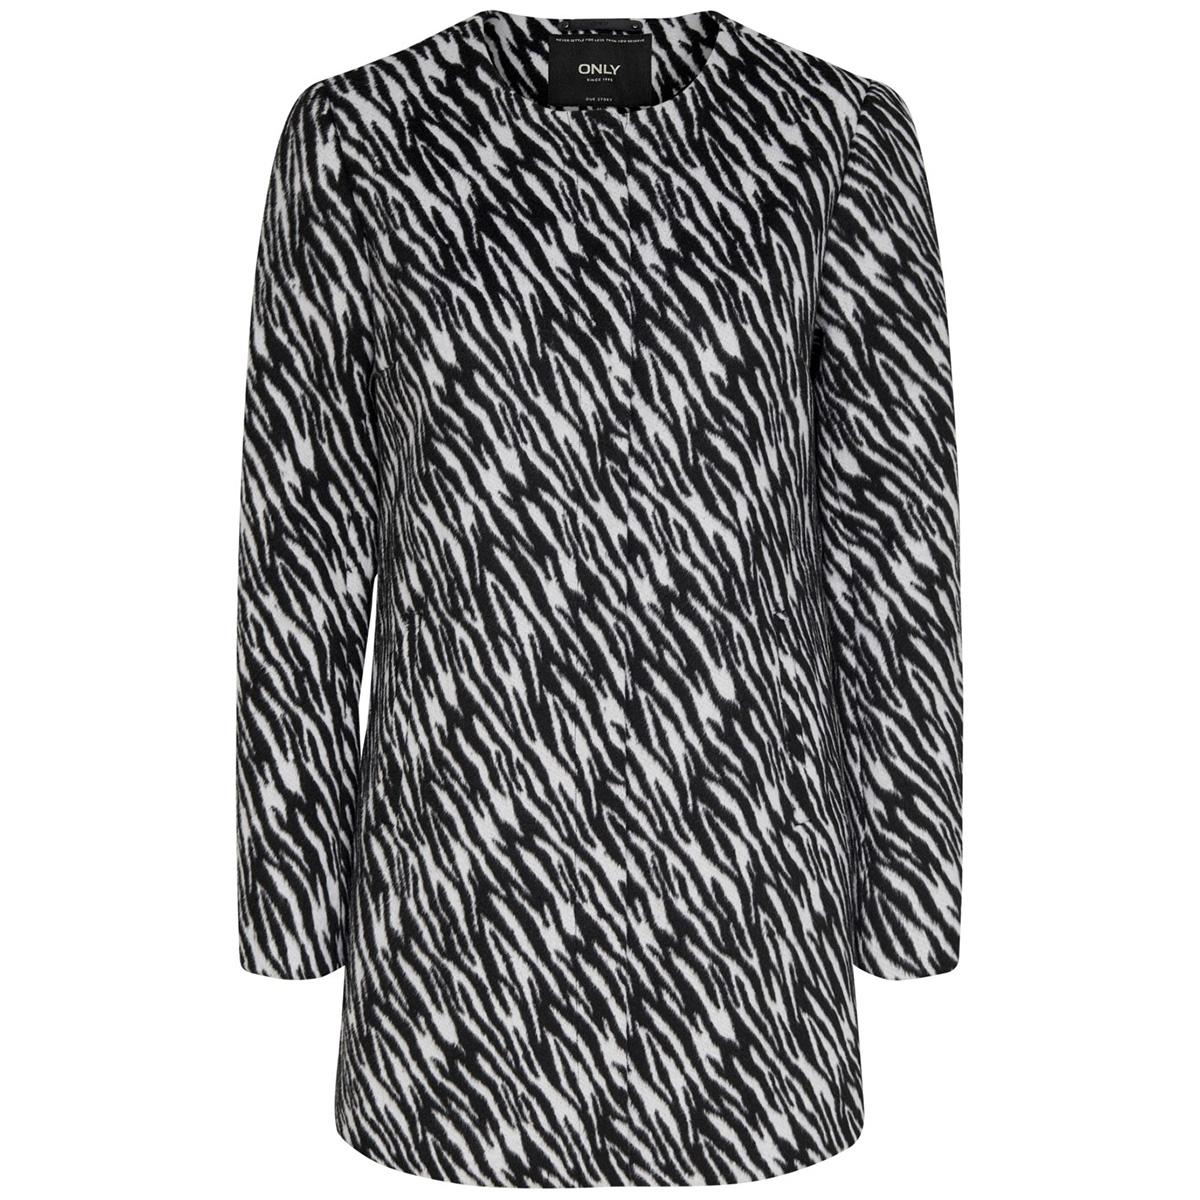 onlanni zebra coat otw 15190113 only jas cloud dancer/zebra